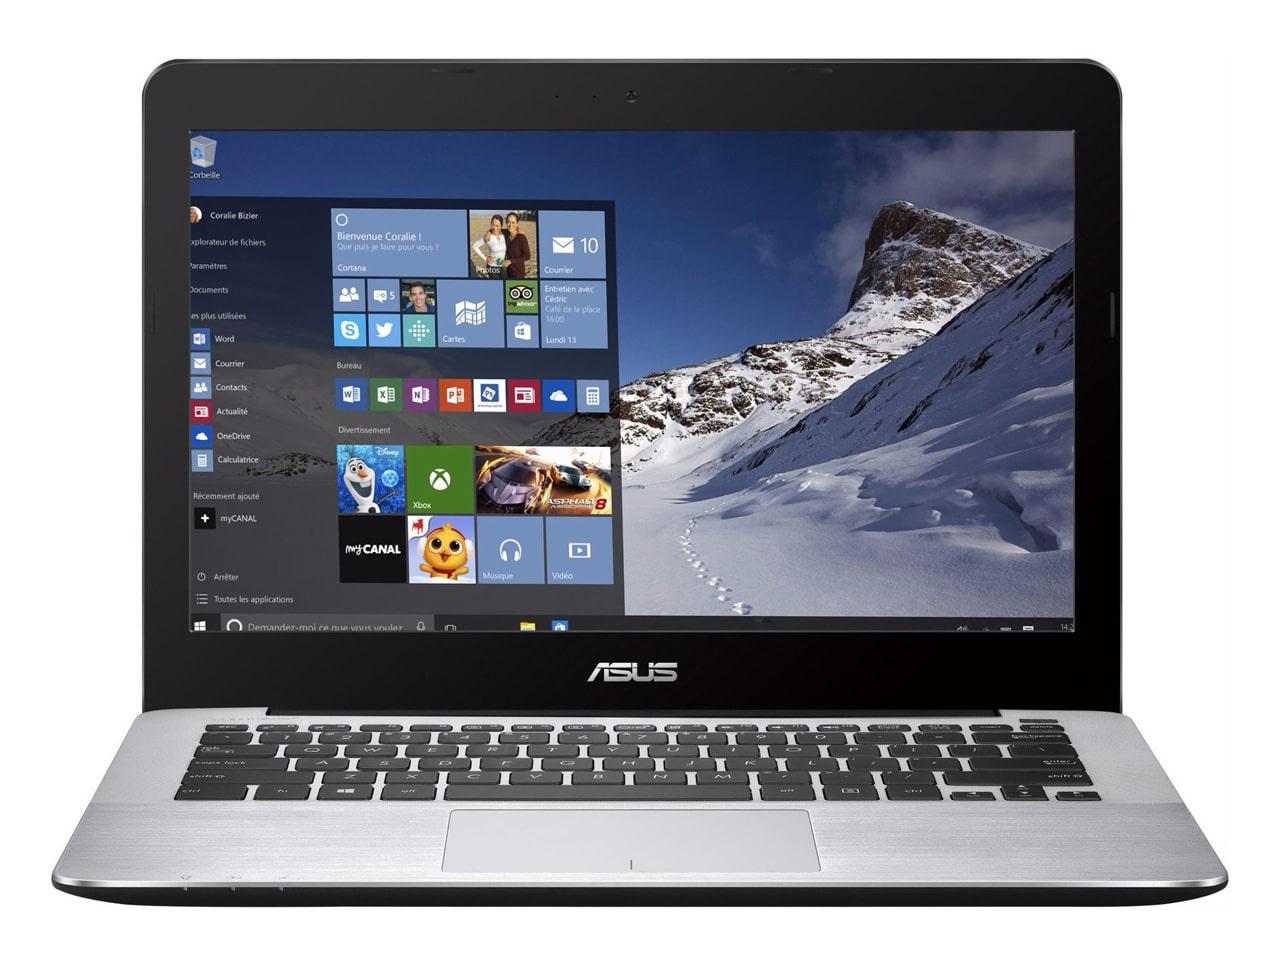 Asus R301LJ-FN143T à 529€, ultraportable 13 pouces mat SSD Core i3 920M